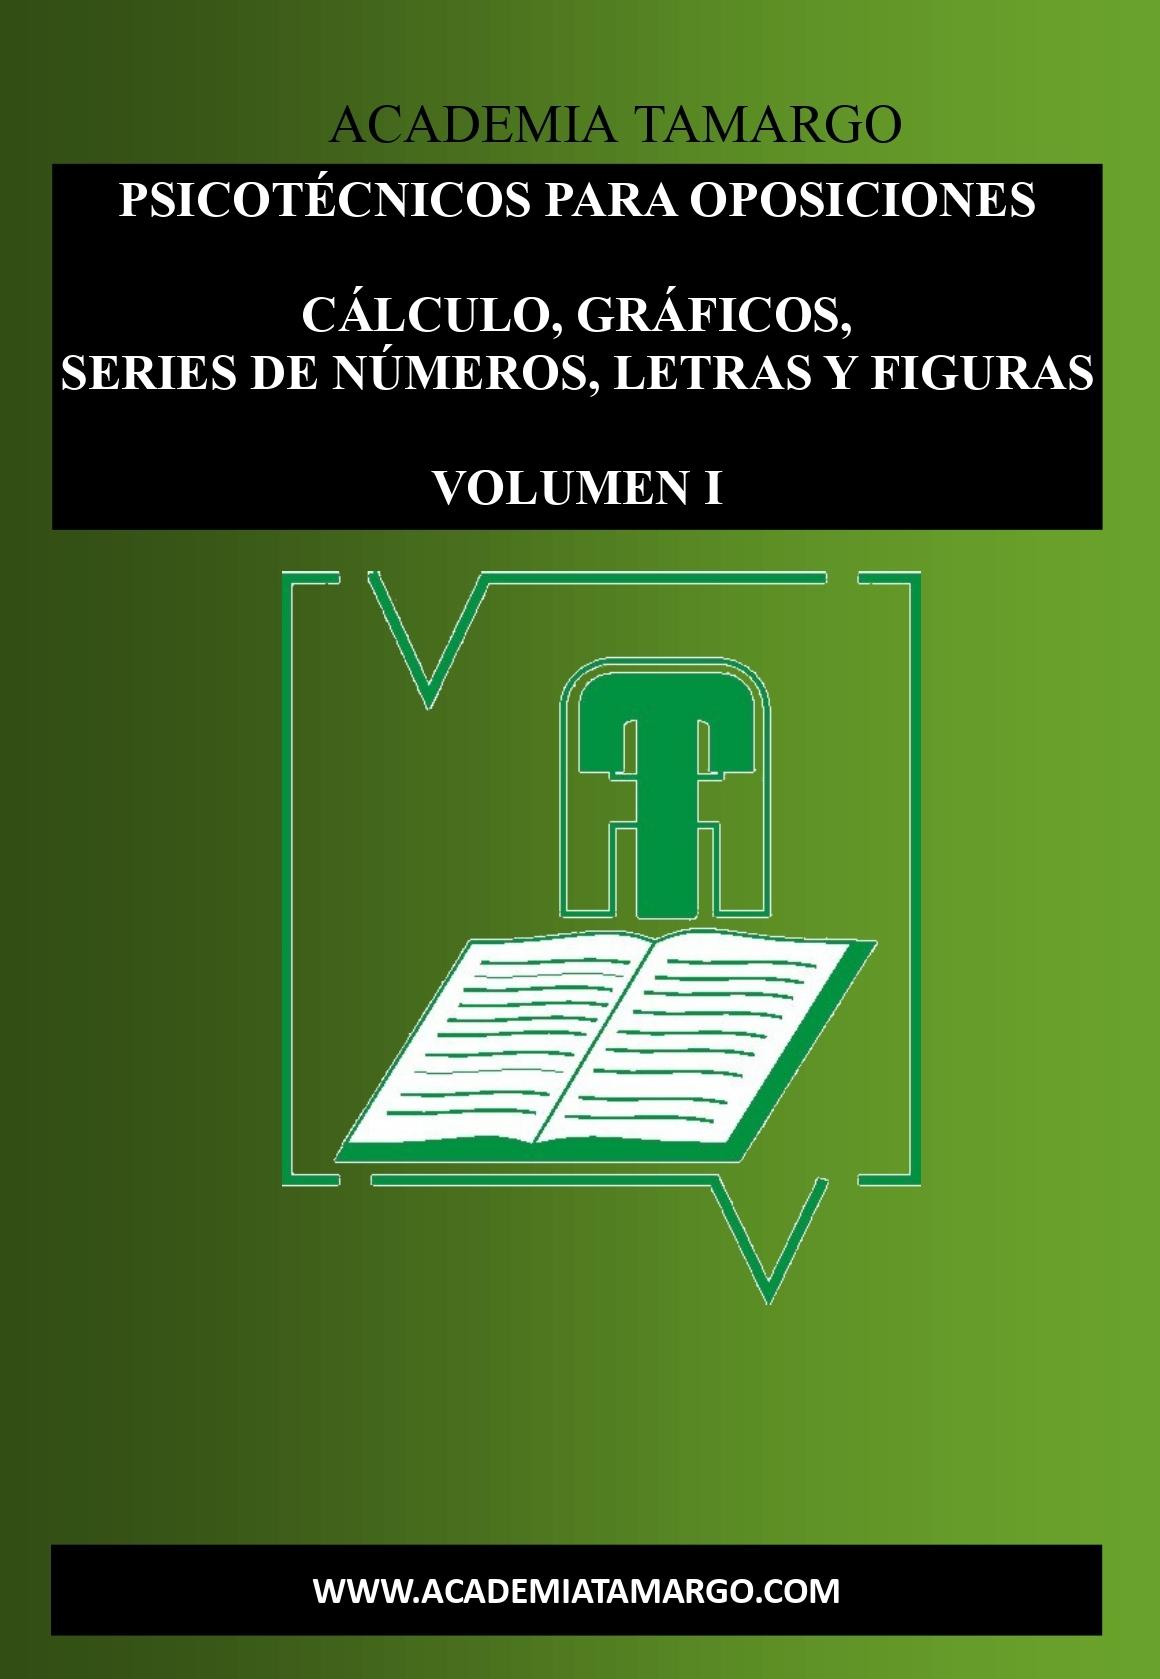 portada, contraportada y lomo de PSICOTÉCNICOS VOLUMN I_page-0001